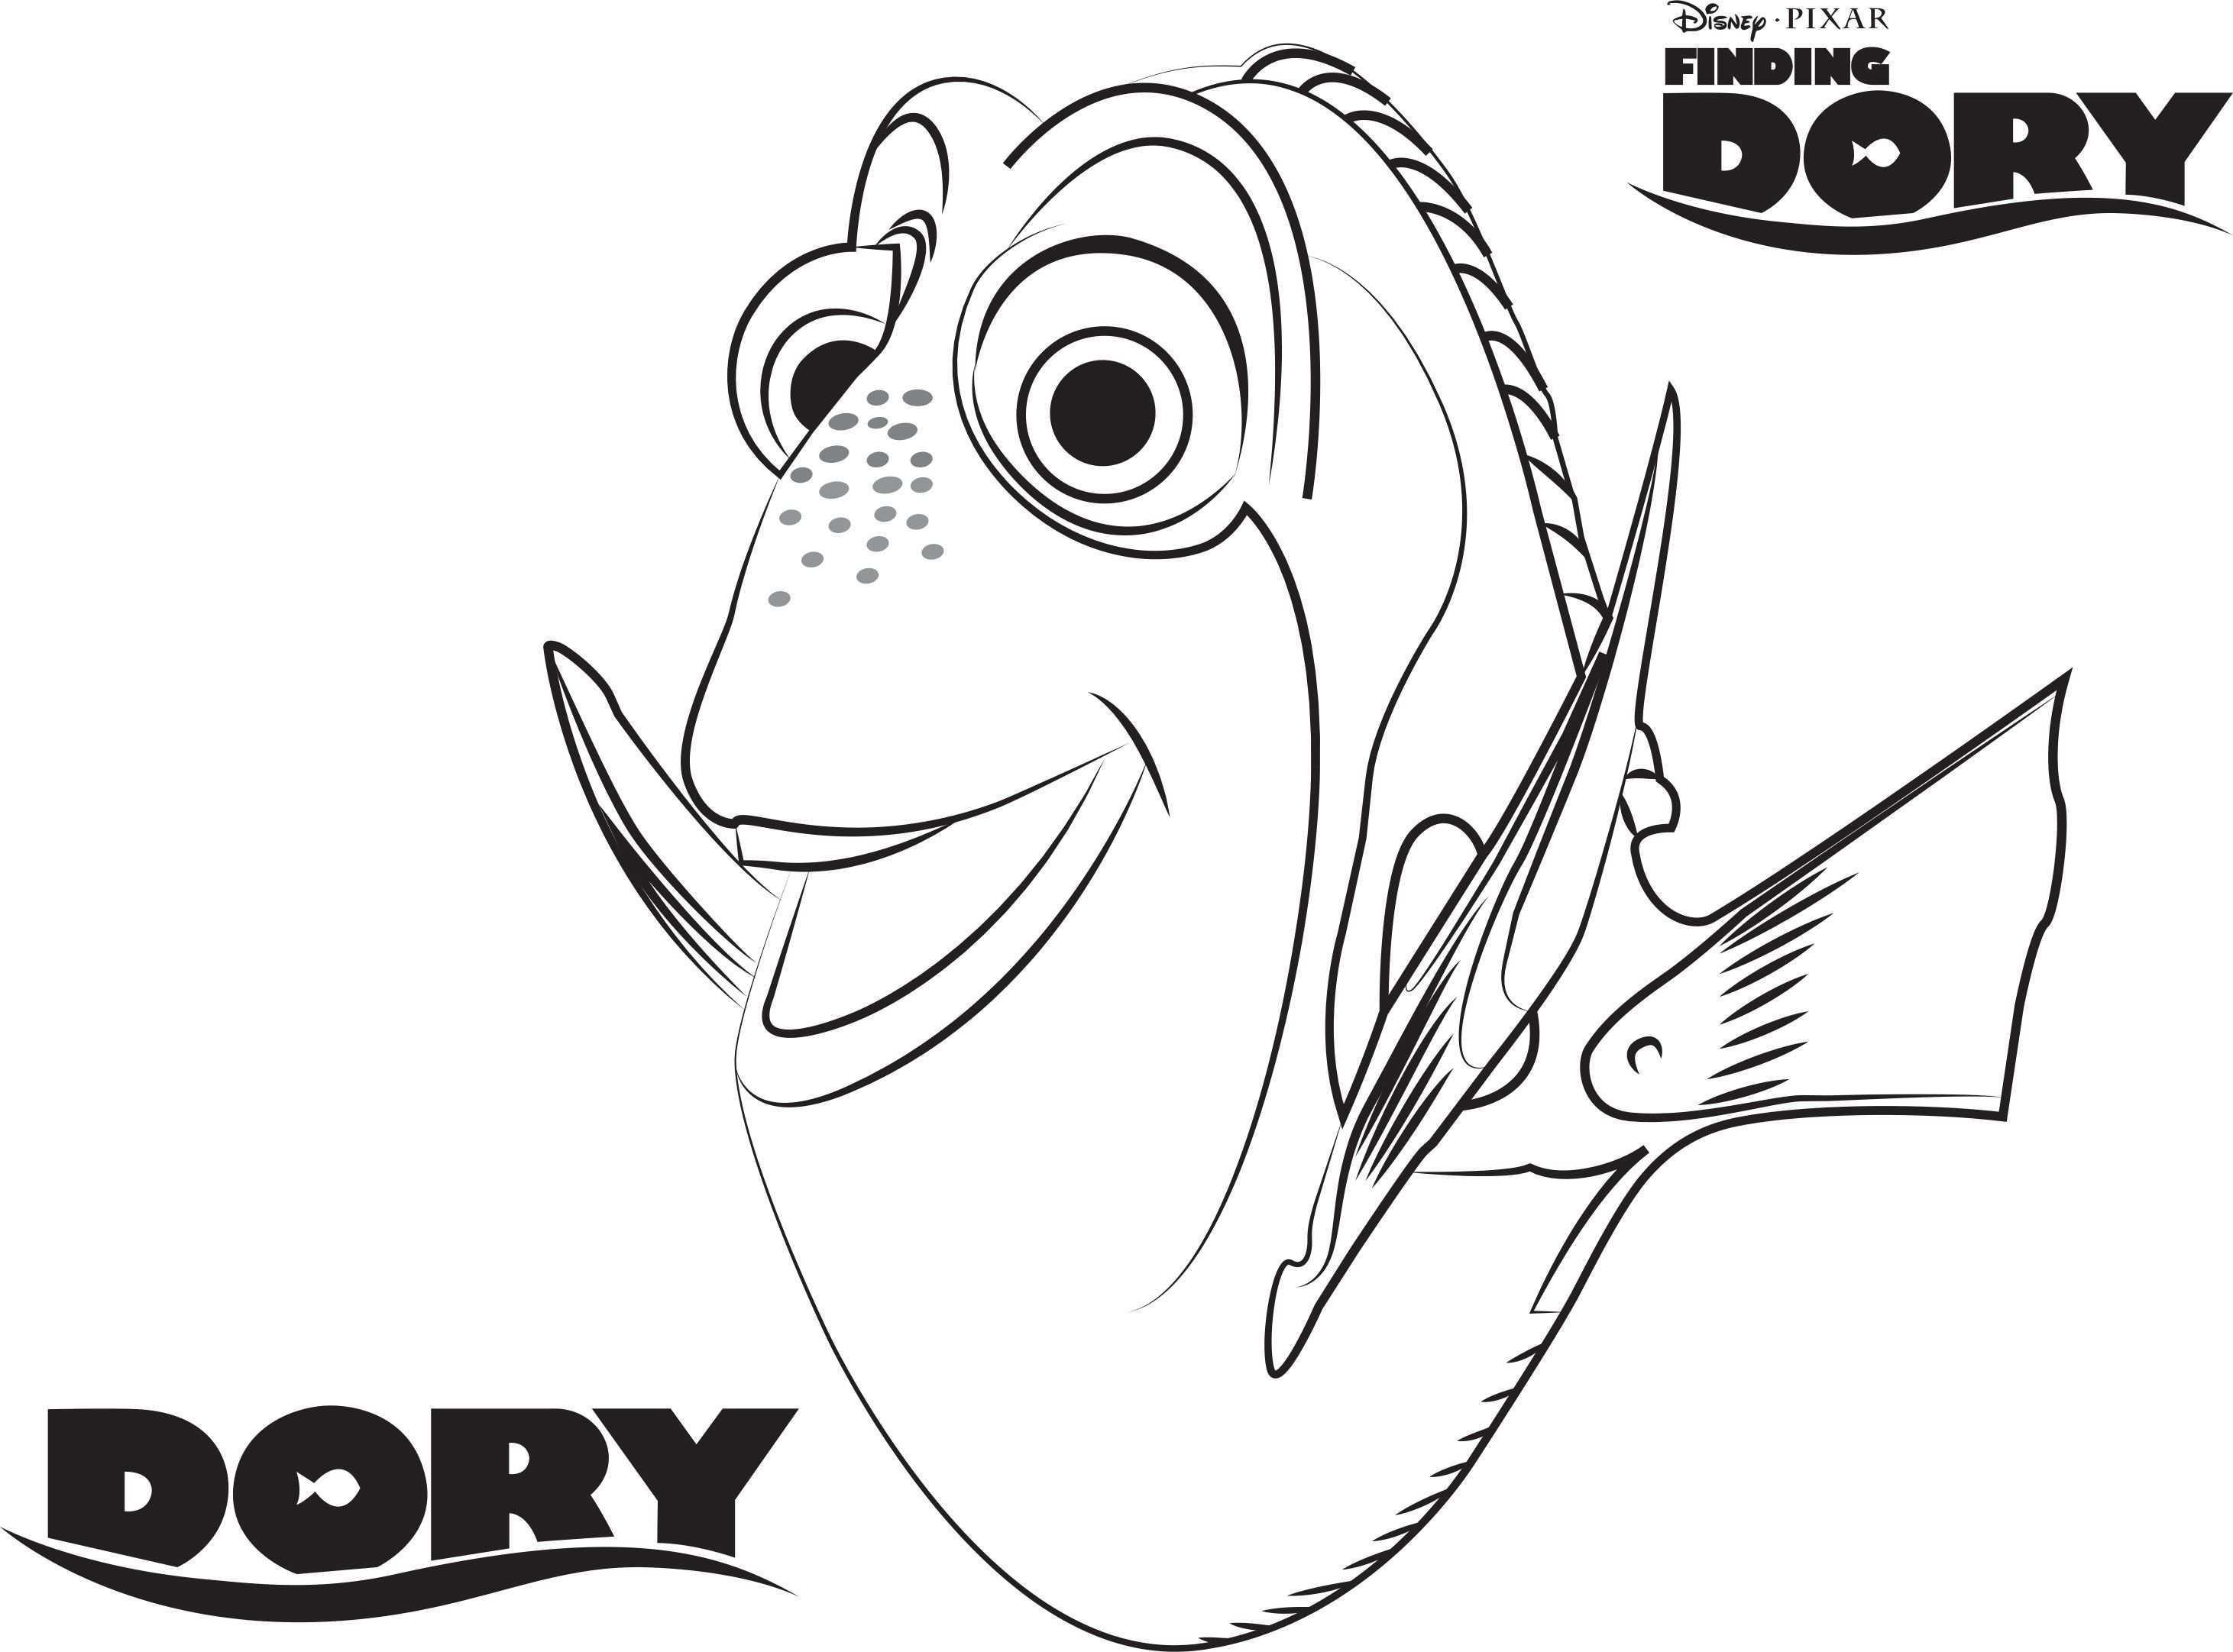 Finding Dory Kleurplaten Dory Kleurplaten Gratis Kleurplaten Pixar Films